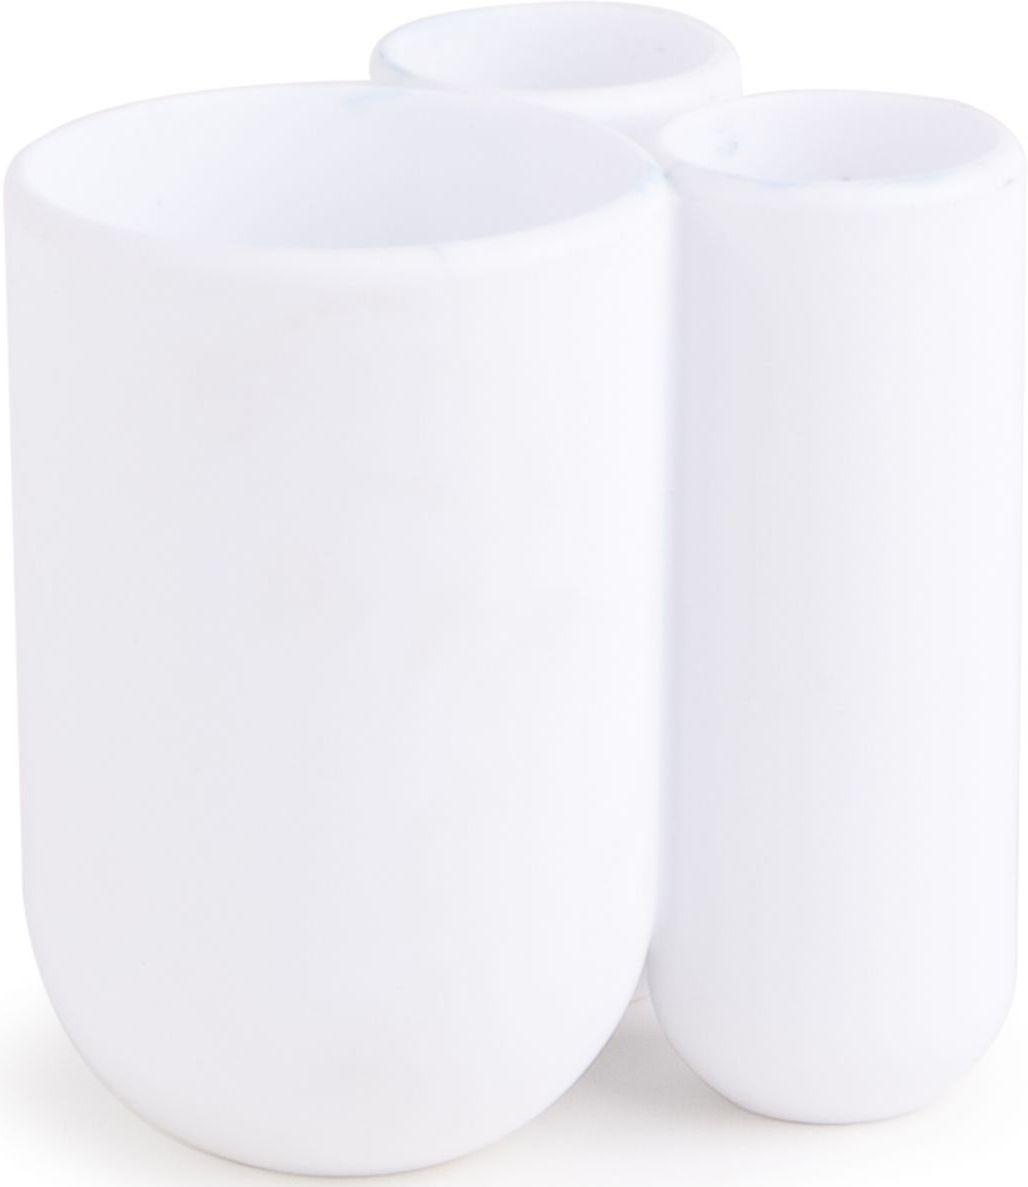 Стакан для зубных щеток Umbra Touch, цвет: белый, 10 х 7 х 8 см023271-660Функциональность подставки для зубных щеток неоспорима - где же еще их хранить. А вот как насчет дизайна? В Umbra уверены: такой простой и ежедневно используемый предмет должен выглядеть лаконично, но необычно. Ведь в небольшой ванной комнате не должно быть ничего вызывающе яркого. Немного экспериментировав с формой, дизайнеры создали подставку Touch, которая придется кстати в любом доме и вместит зубные щетки всех членов семьи и тюбик зубной пасты. Выполнена из приятного на ощупь пластика.